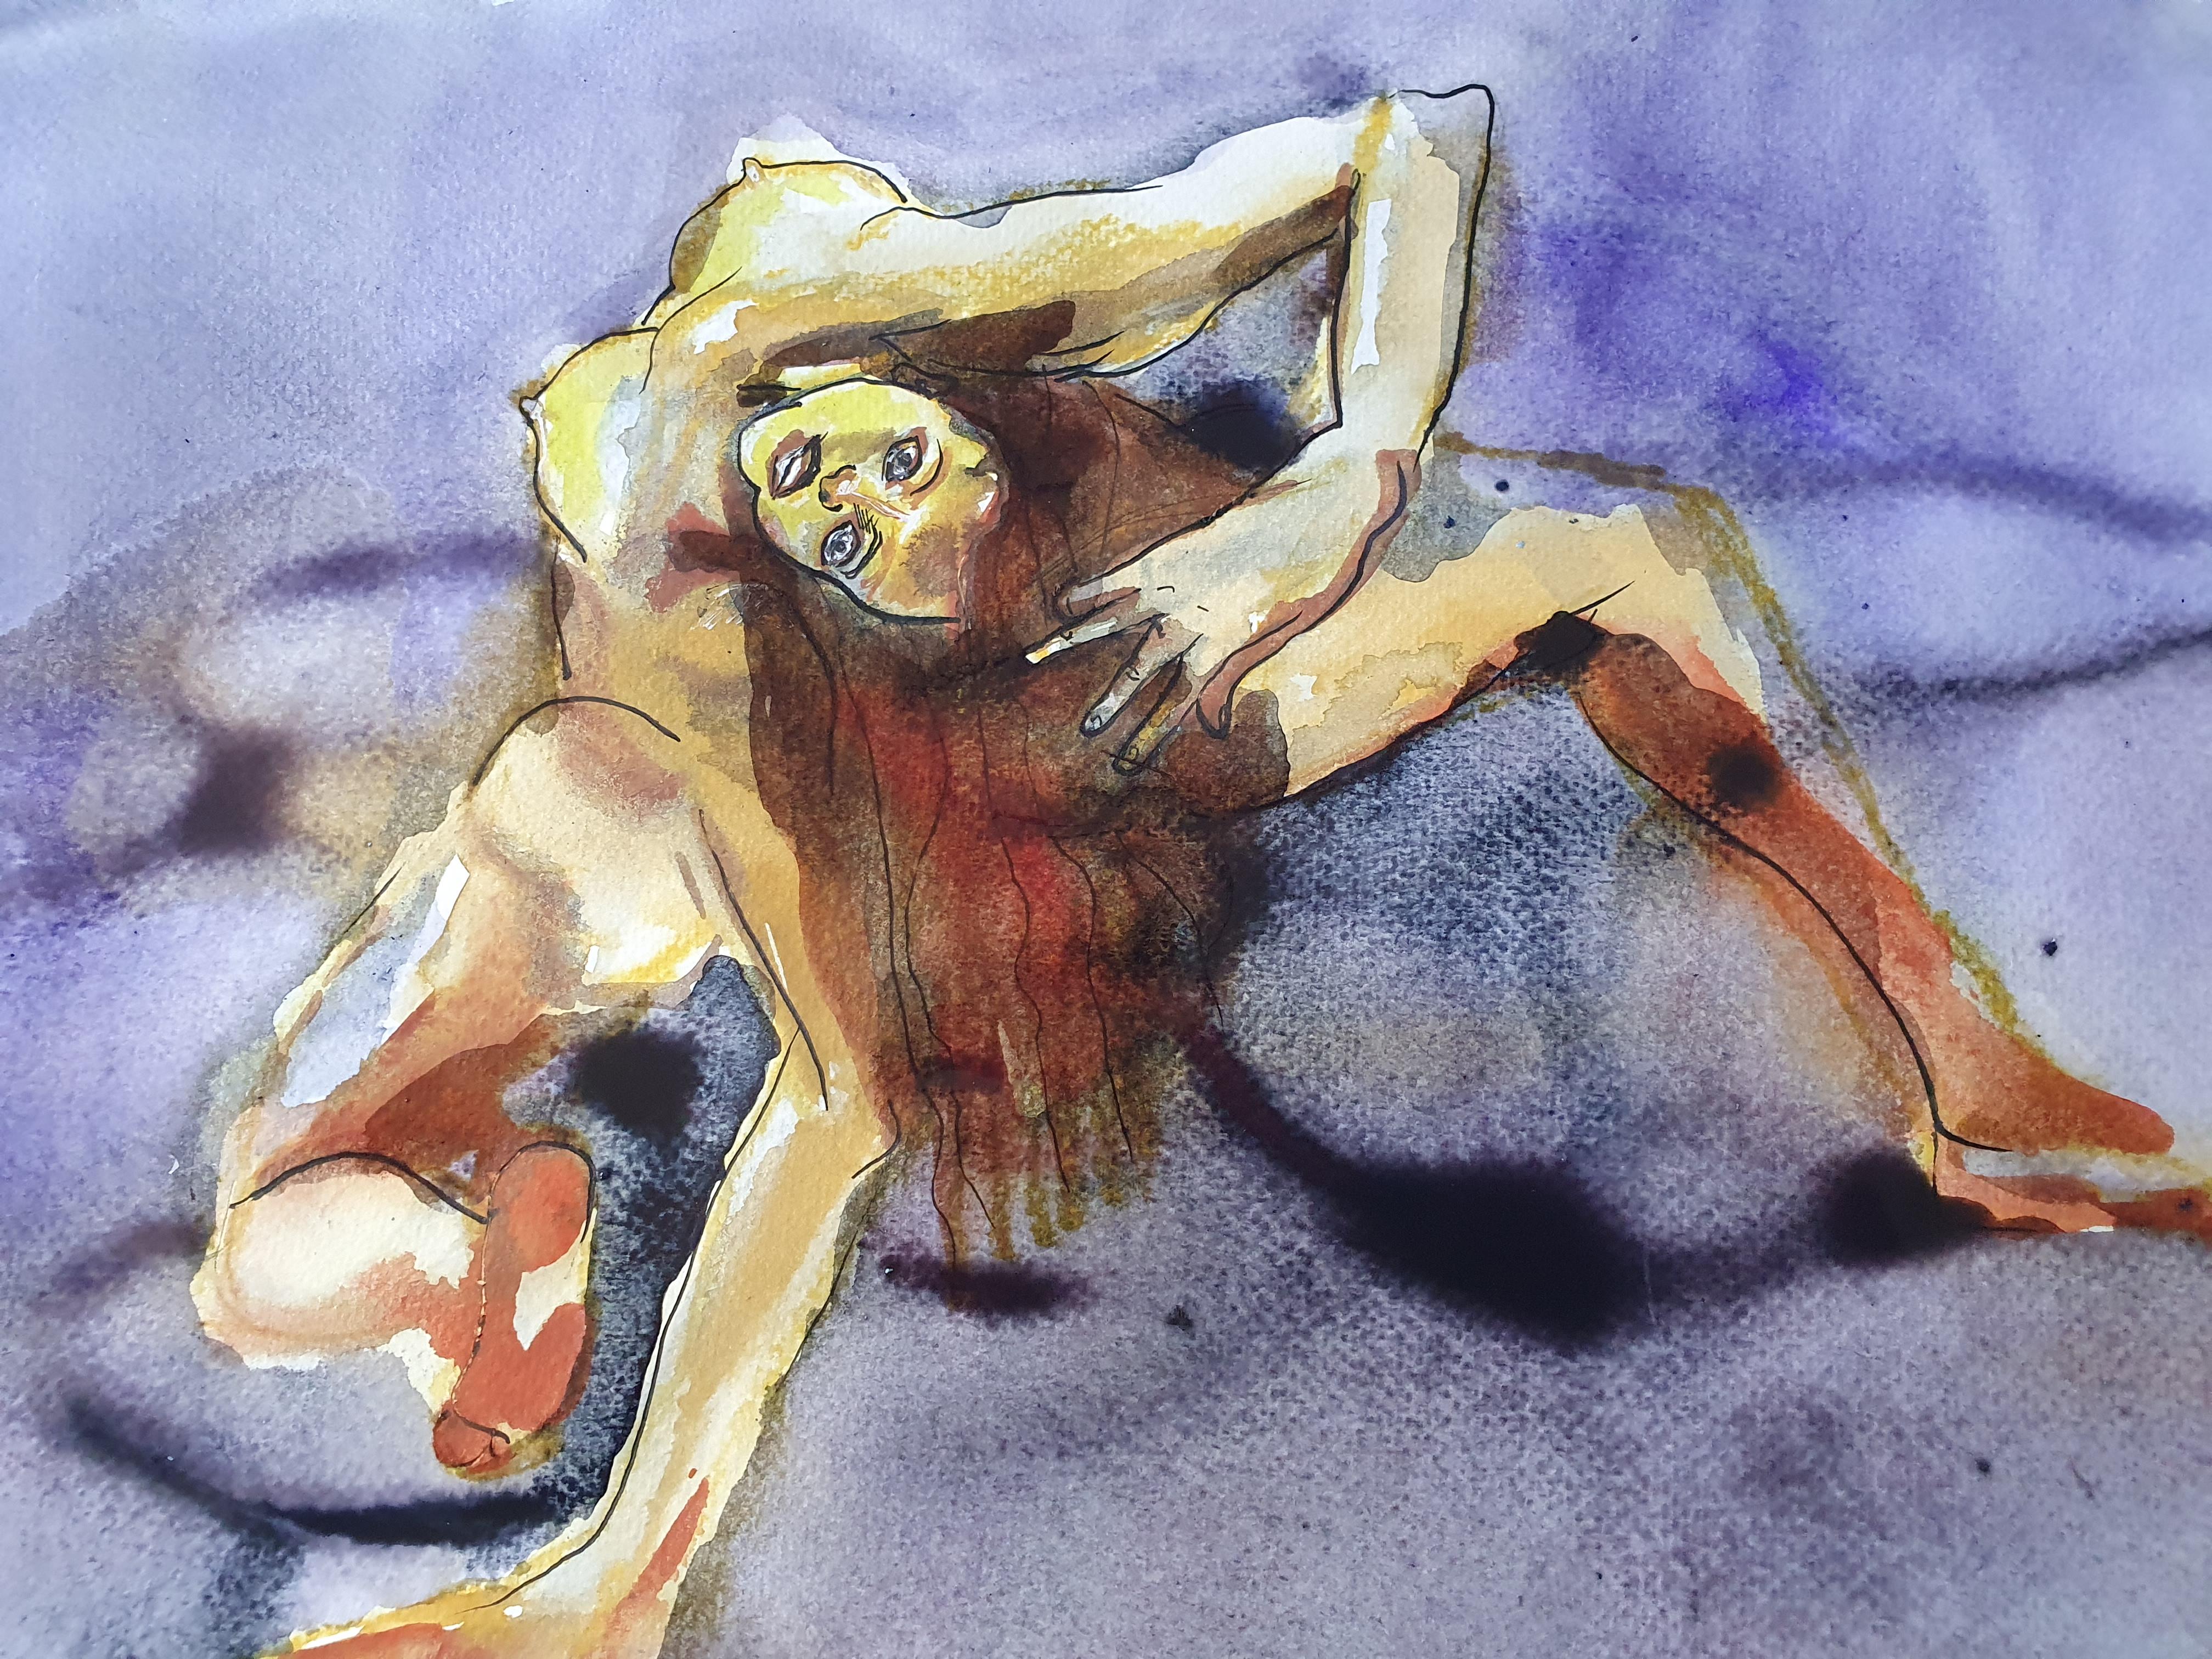 Raccourci torsion pose femme technique mixte aquarelle sur papier  cours de dessin